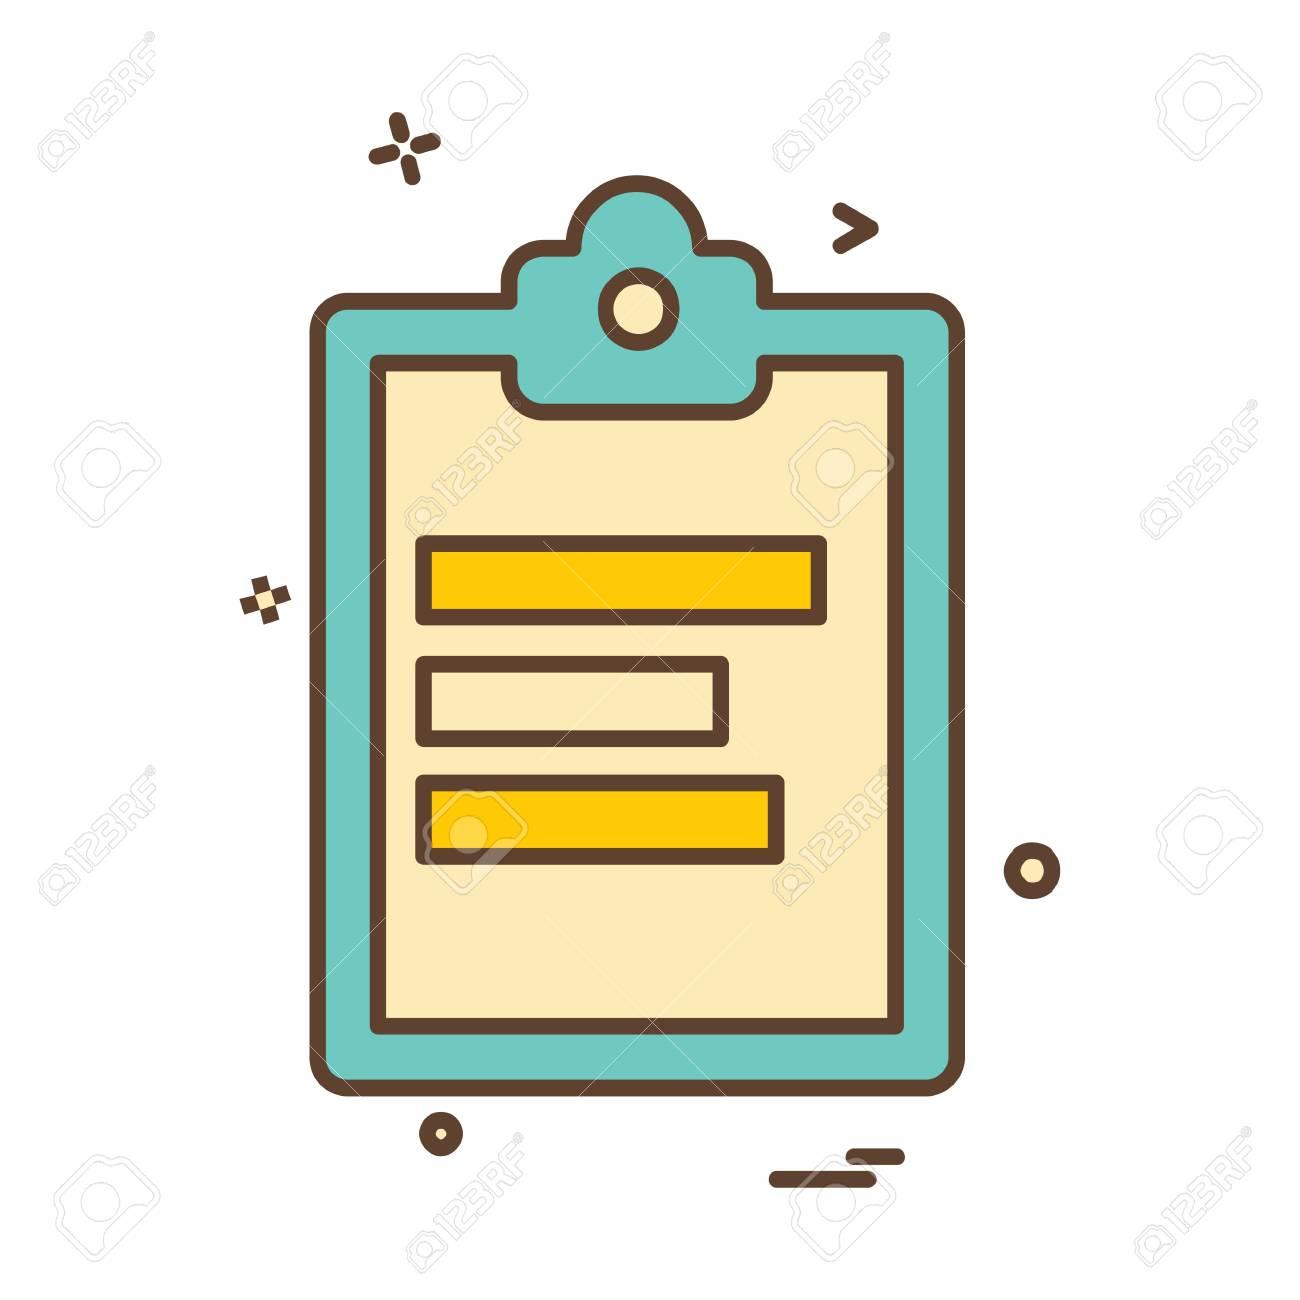 Study icon design vector - 122160394